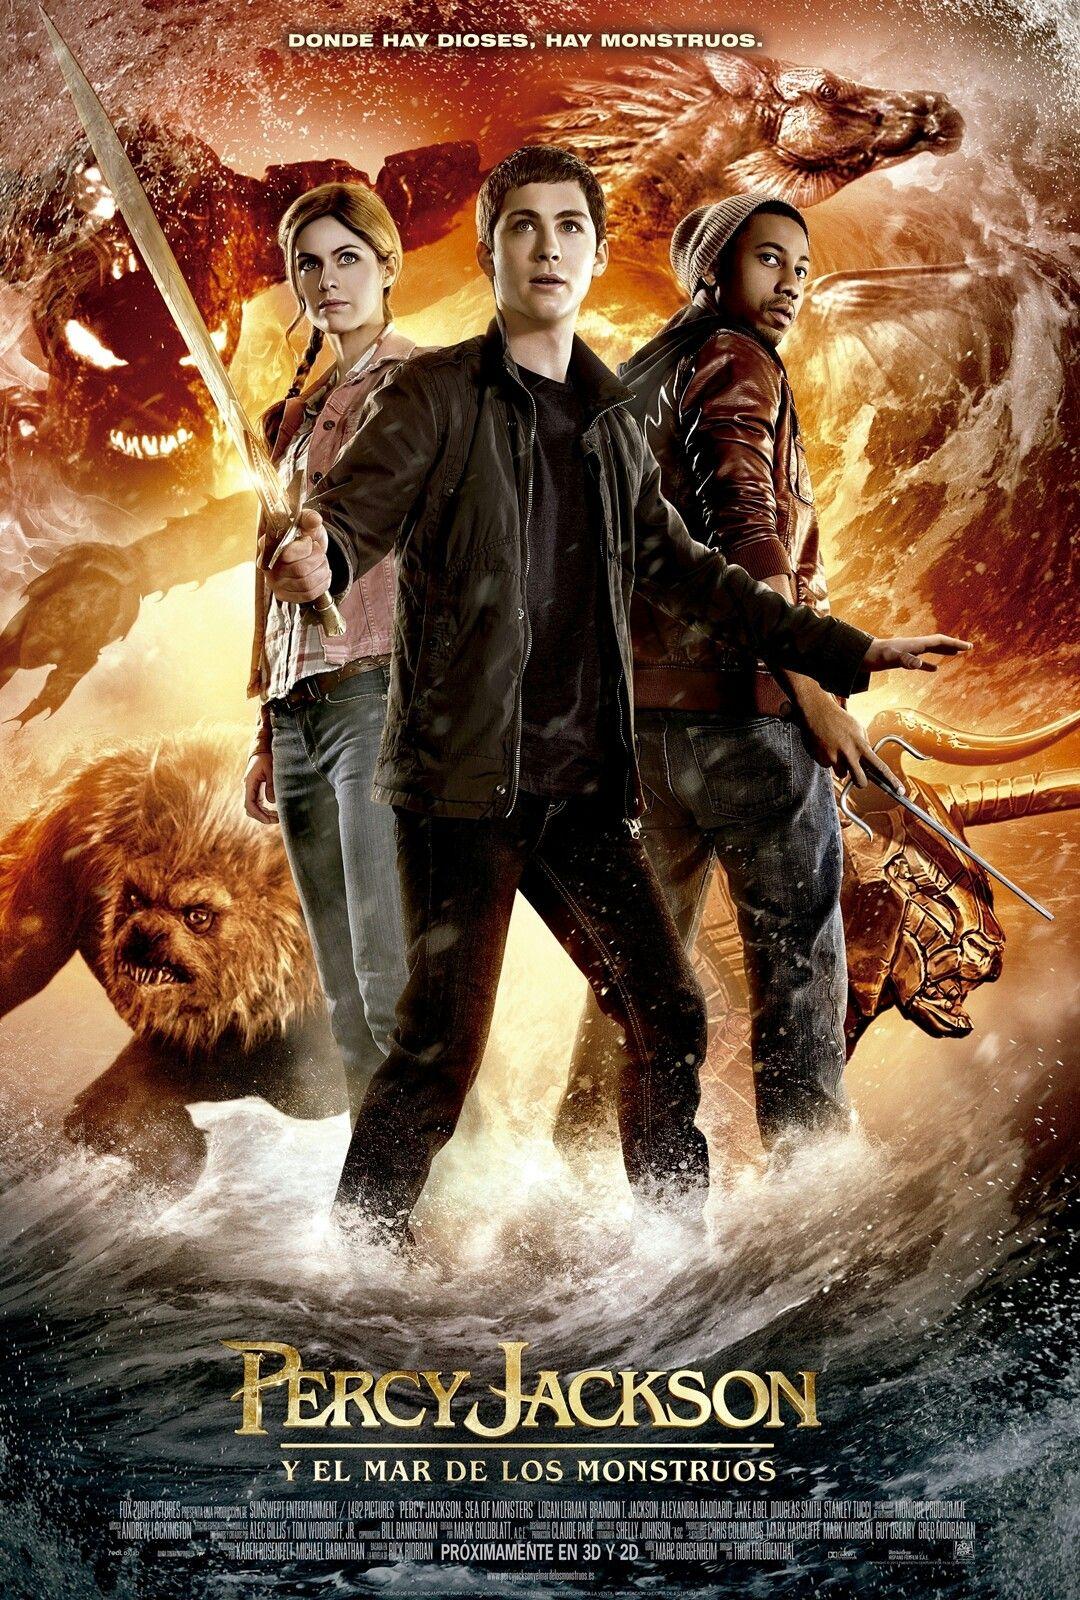 Percy Jackson Y El Mar De Los Monstruos 2013 Mar De Los Monstruos Percy Jackson Monstruo Pelicula